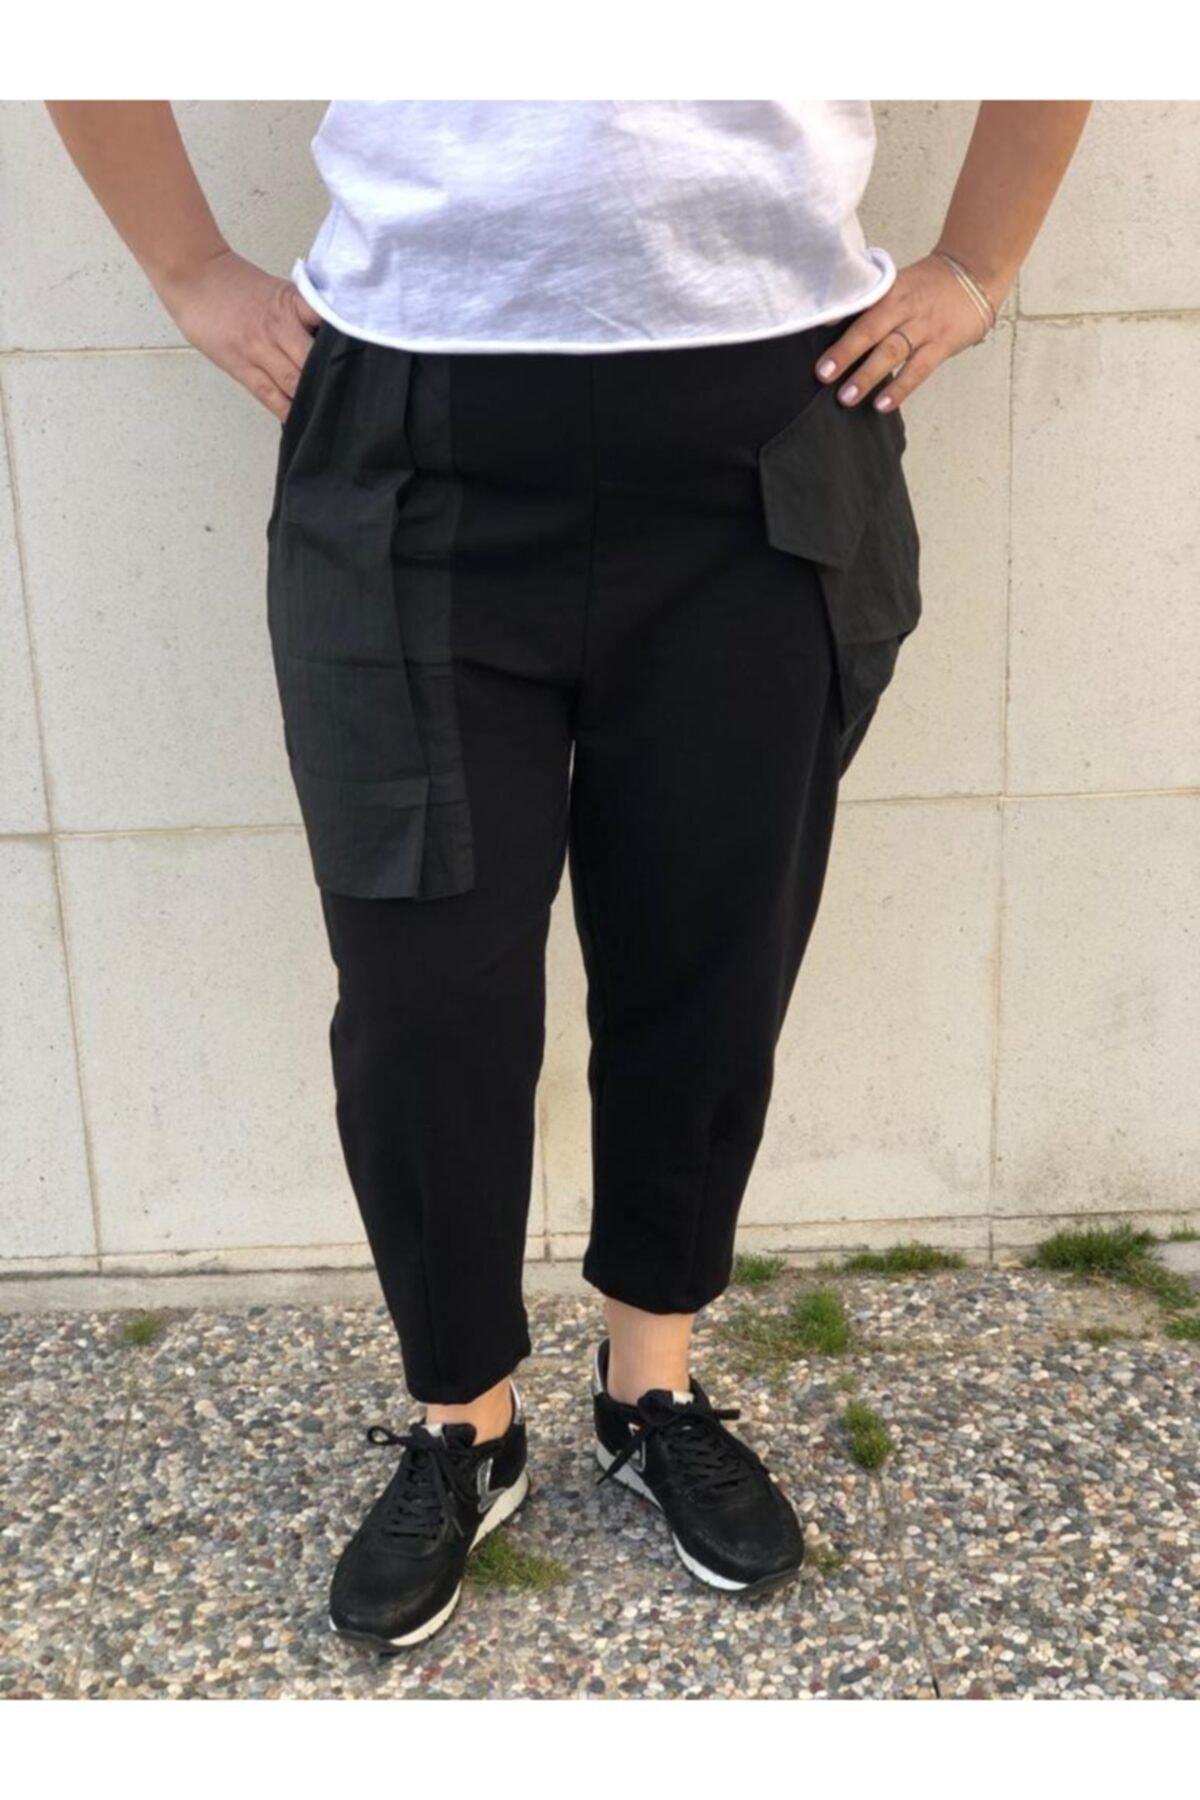 BAKTAGÖR Kadın Siyah Eşofman Pantolon 2